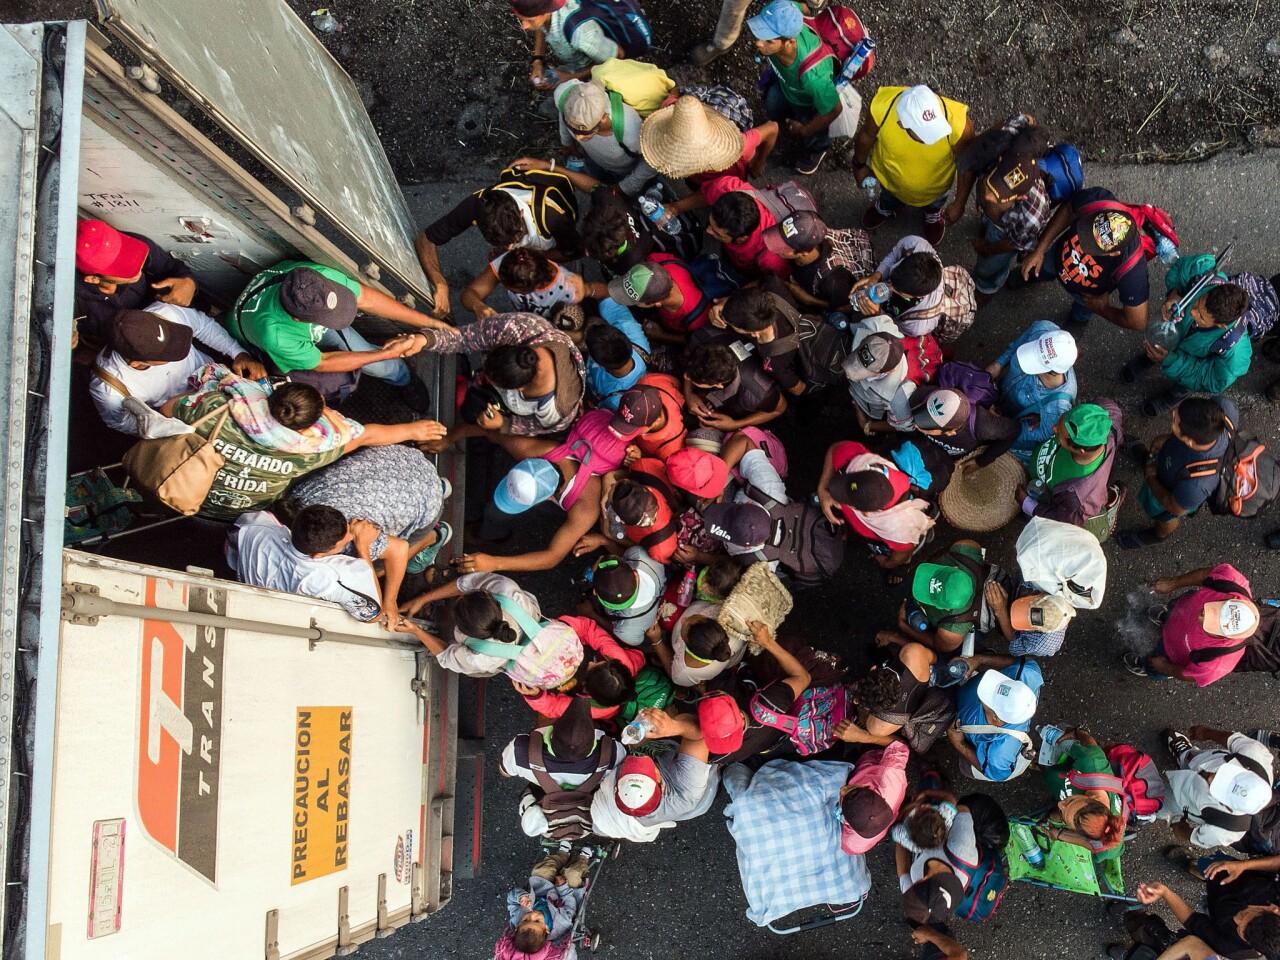 Thousands continue caravan toward U.S.